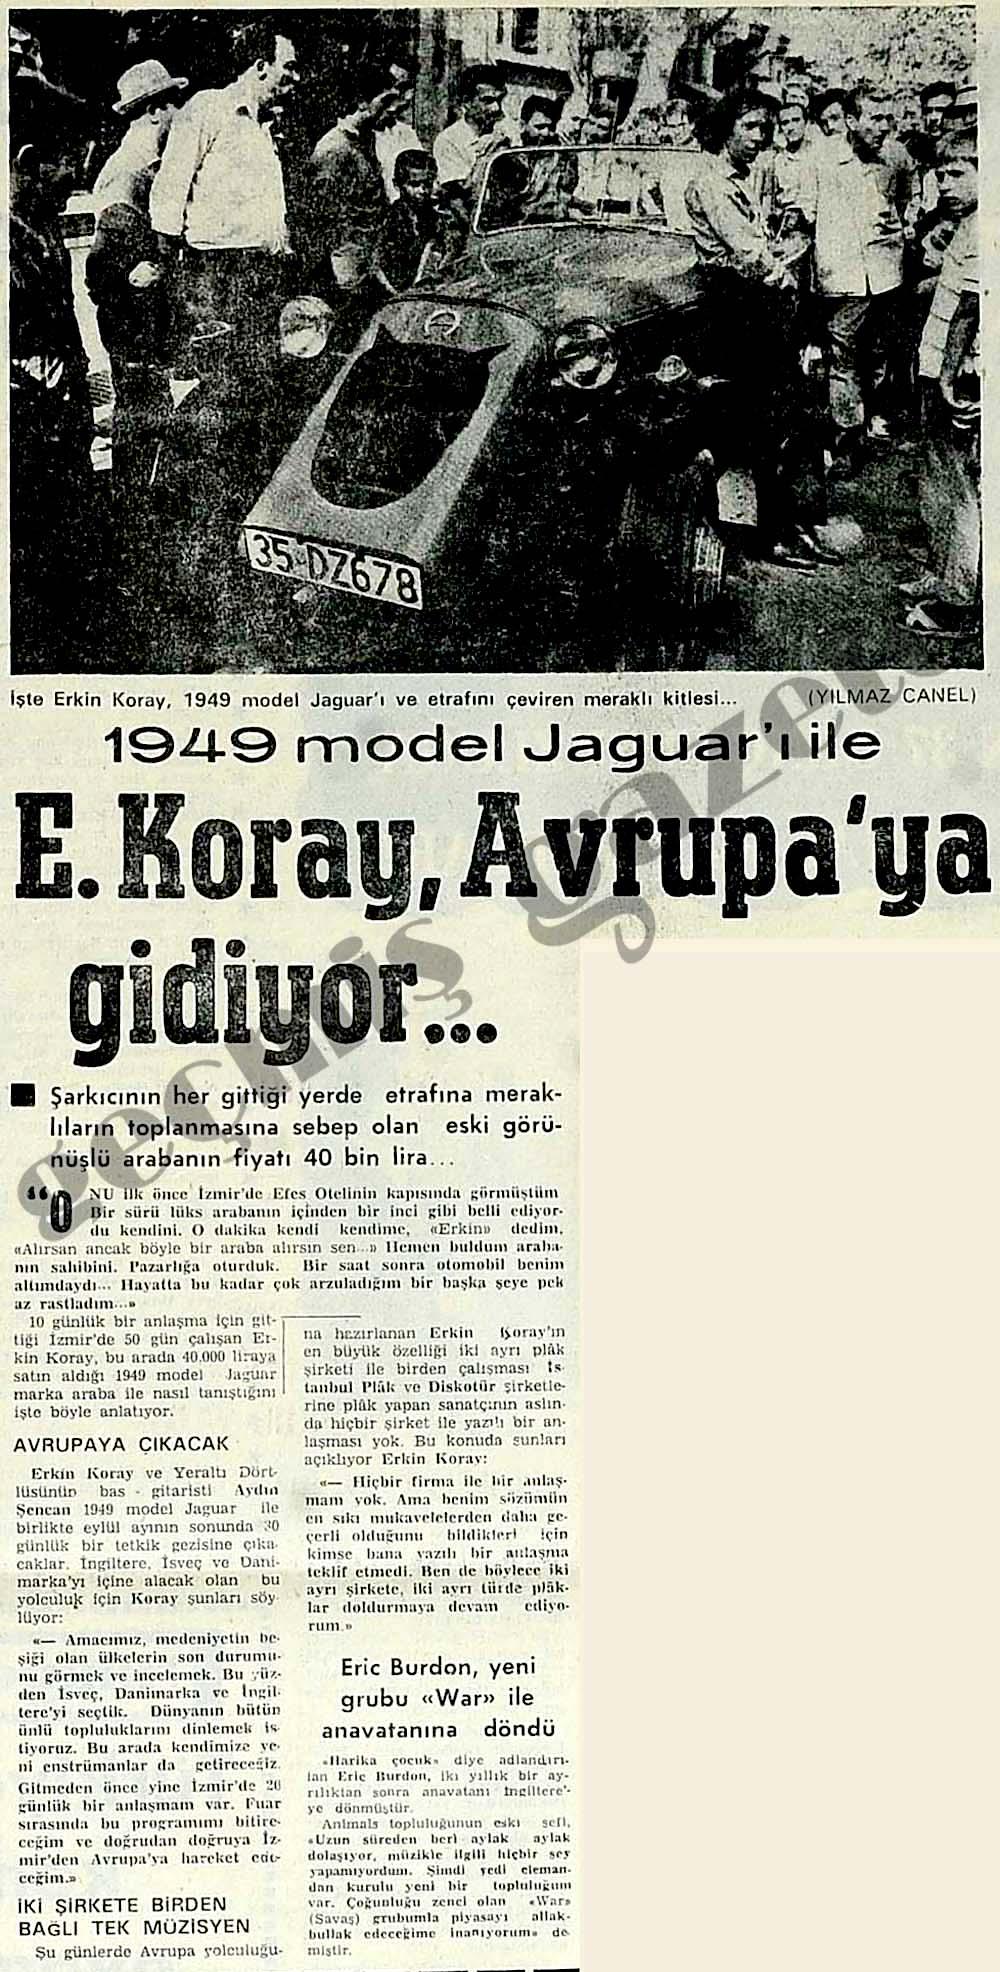 E. Koray, Avrupa'ya gidiyor